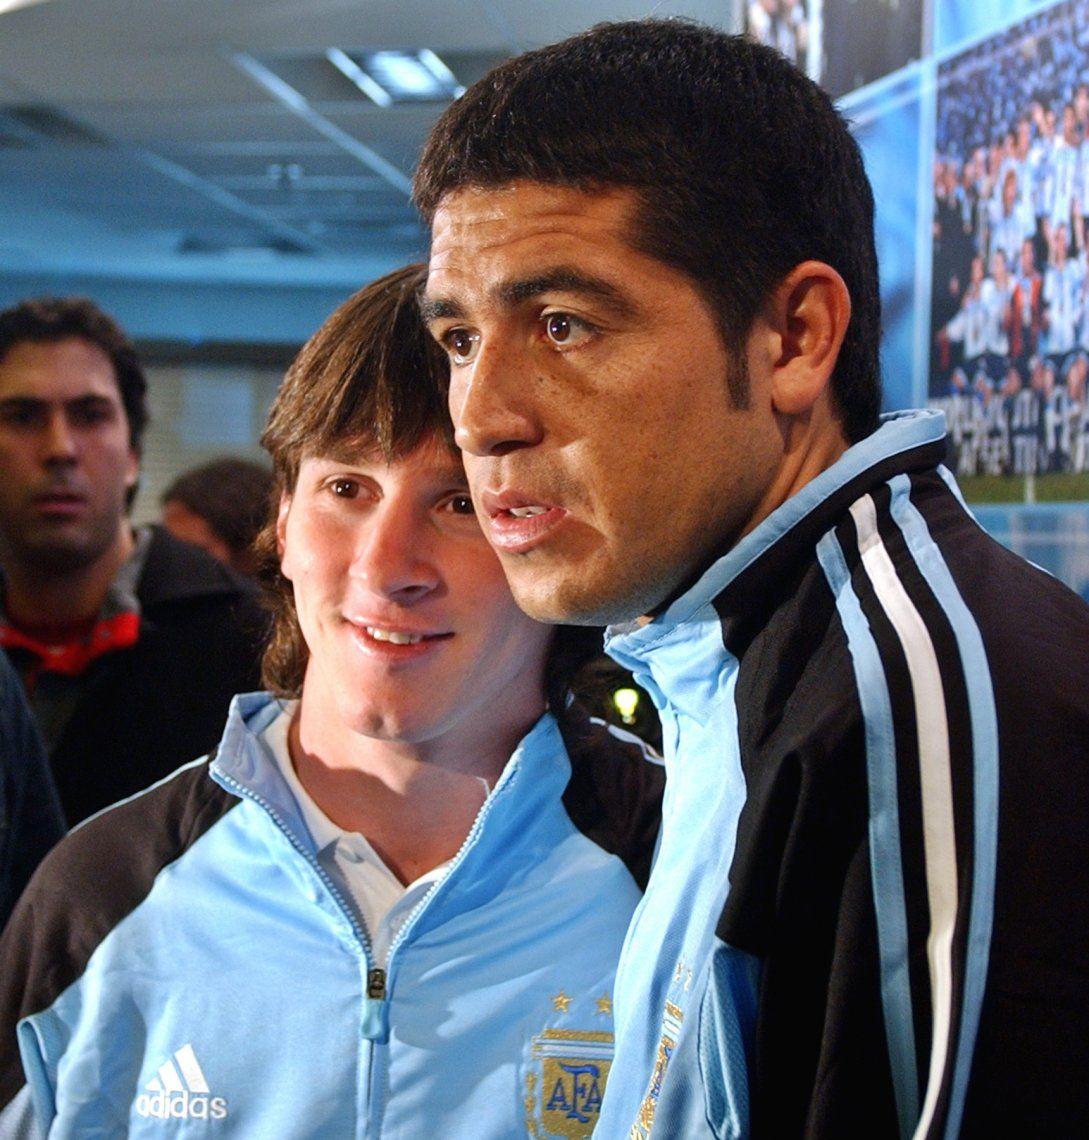 Fecha mágica: 24 fotos para festejar el cumpleaños de Messi y Riquelme